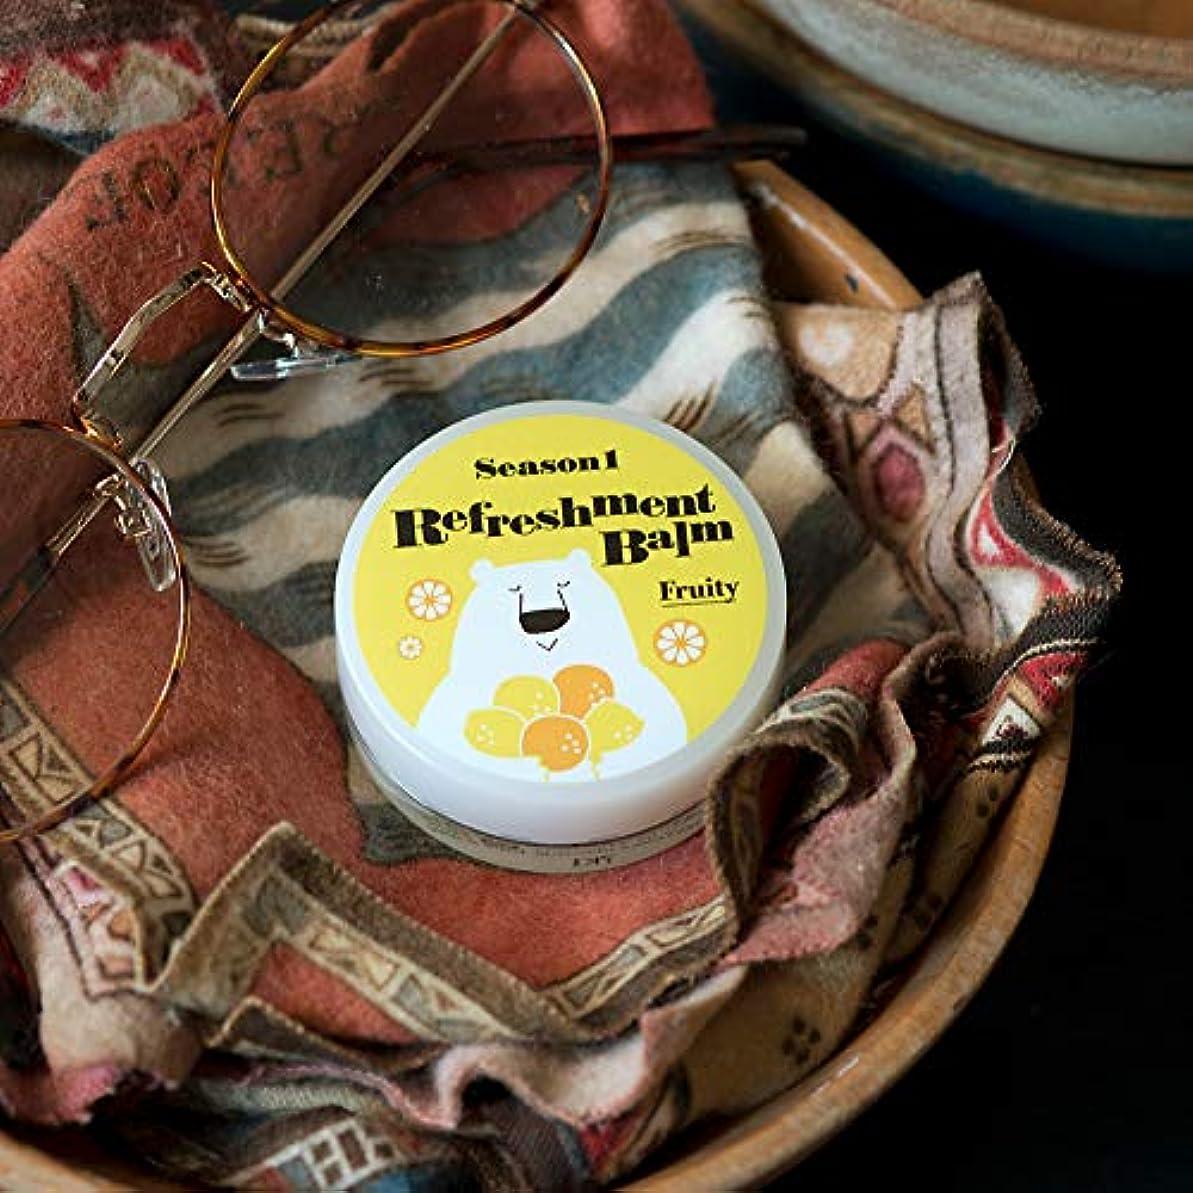 喉頭治す治す(美健)BIKEN カサカサ鼻にひと塗り リフレッシュメントバーム フルーティ エッセンシャルオイル(精油)のみで香り付け